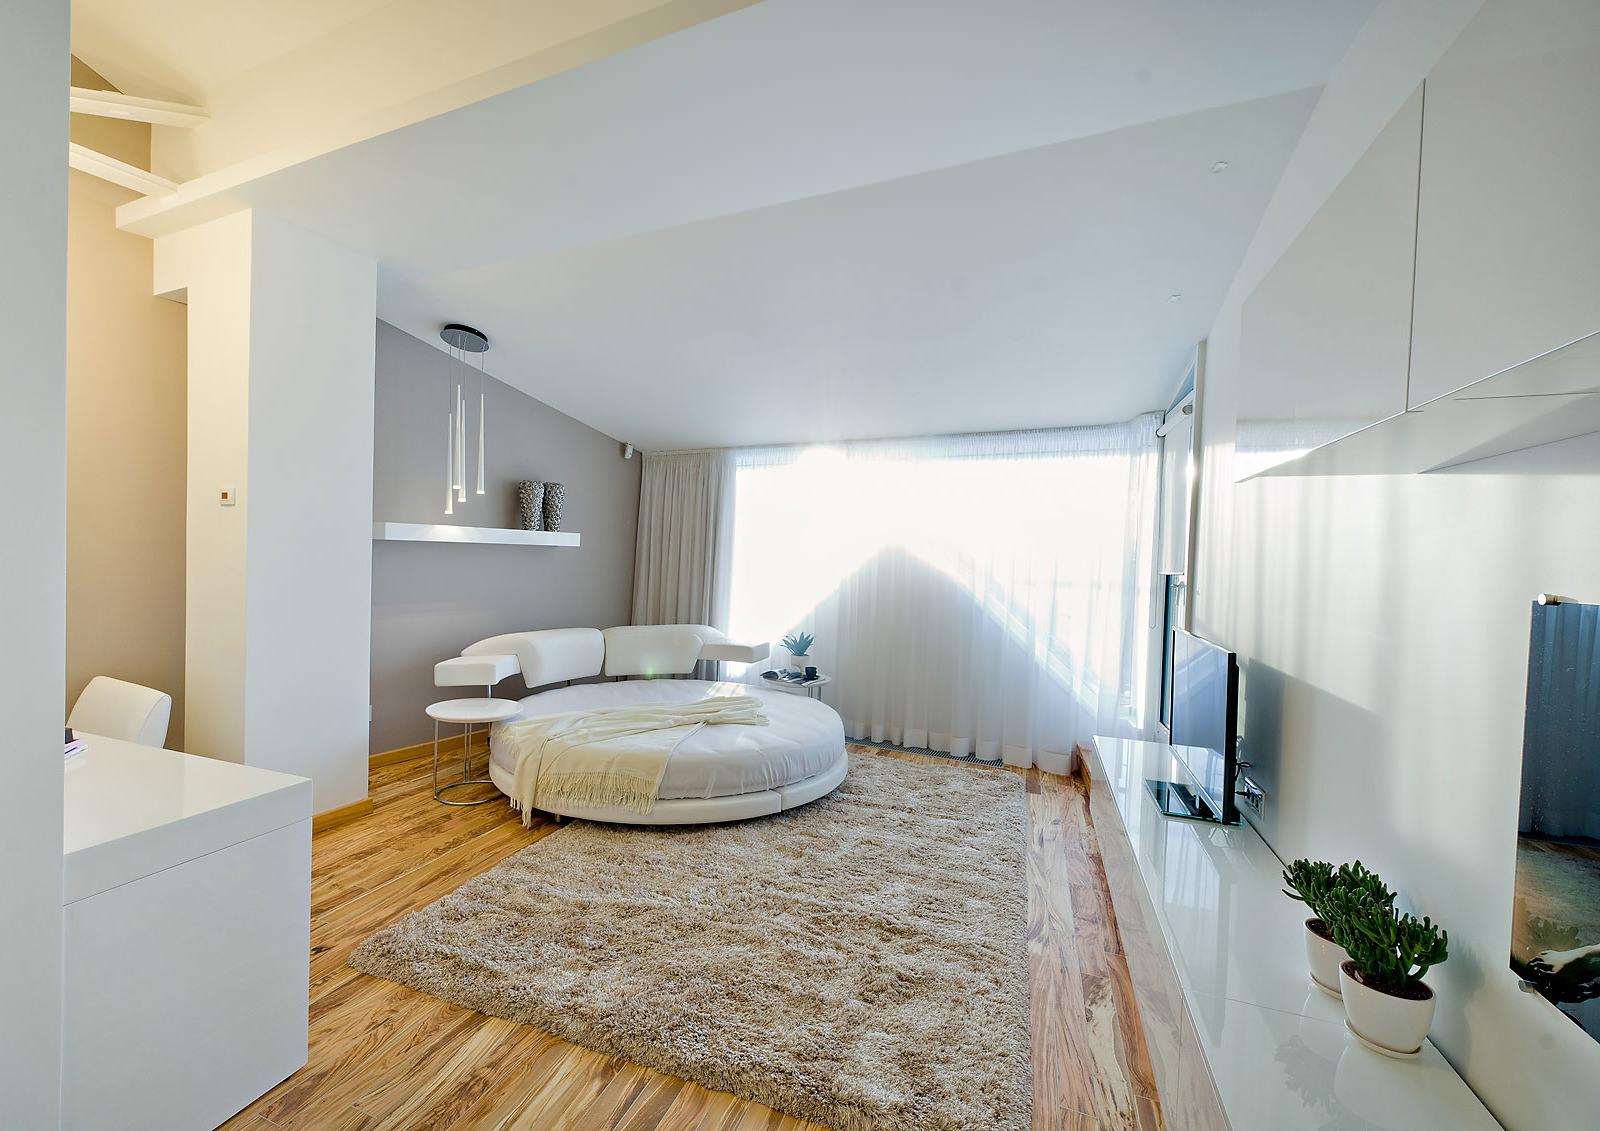 Кровать у окна